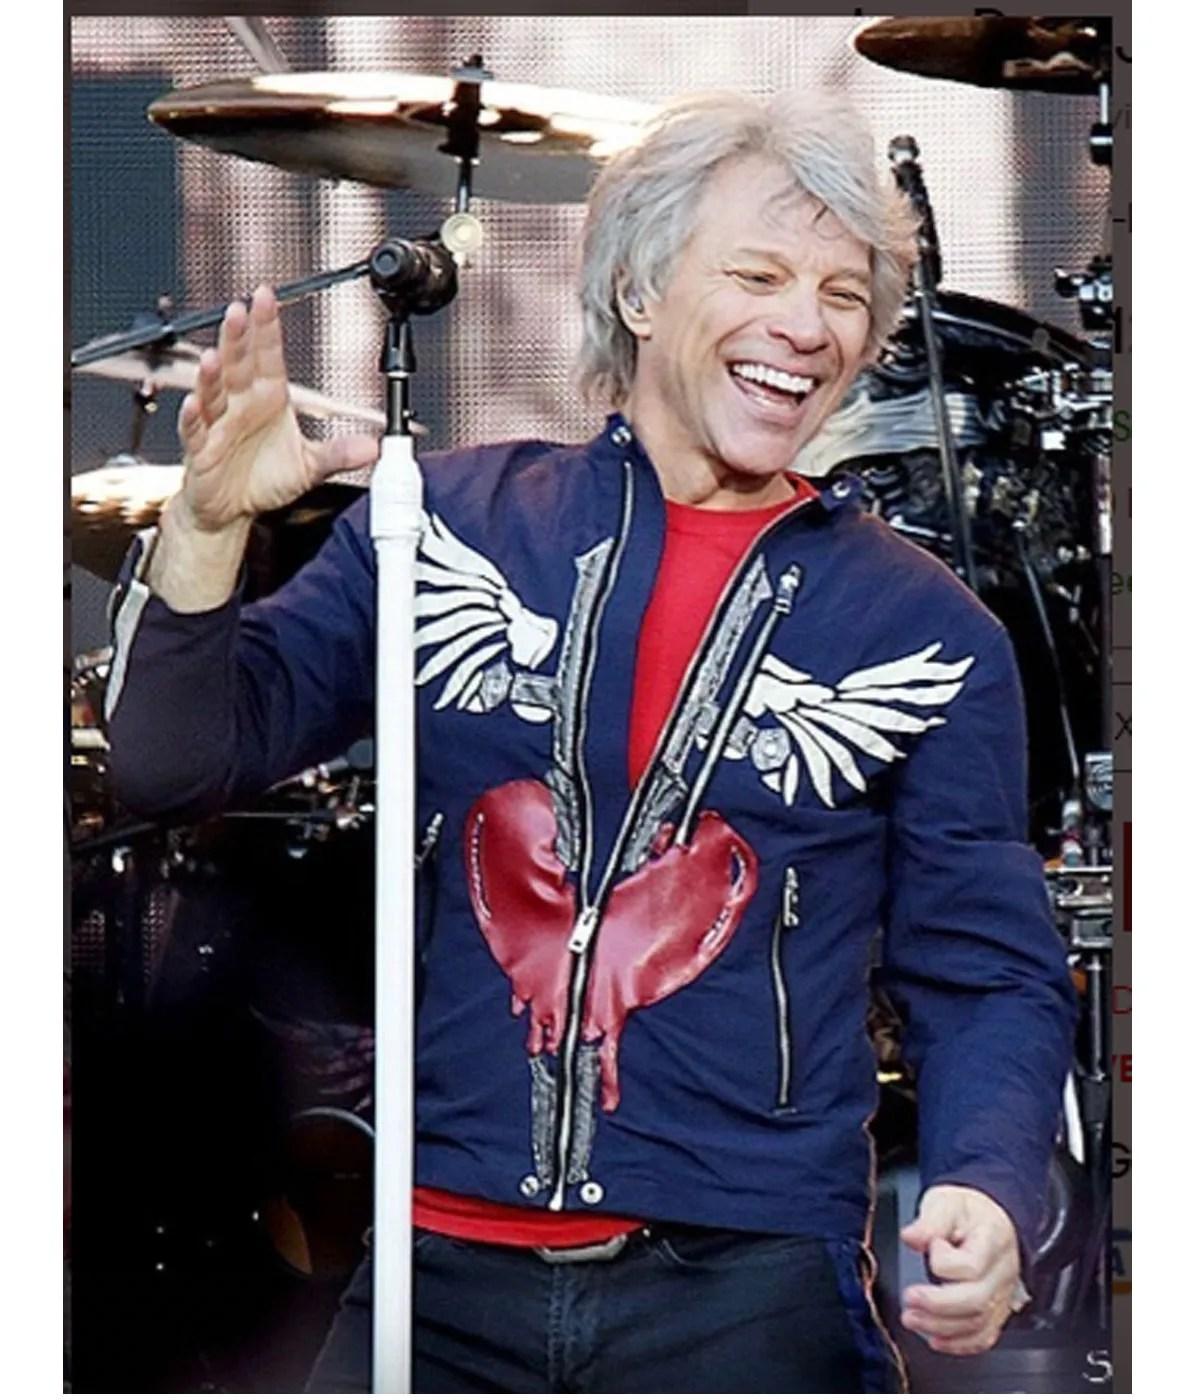 concert-jon-bon-jovi-jacket